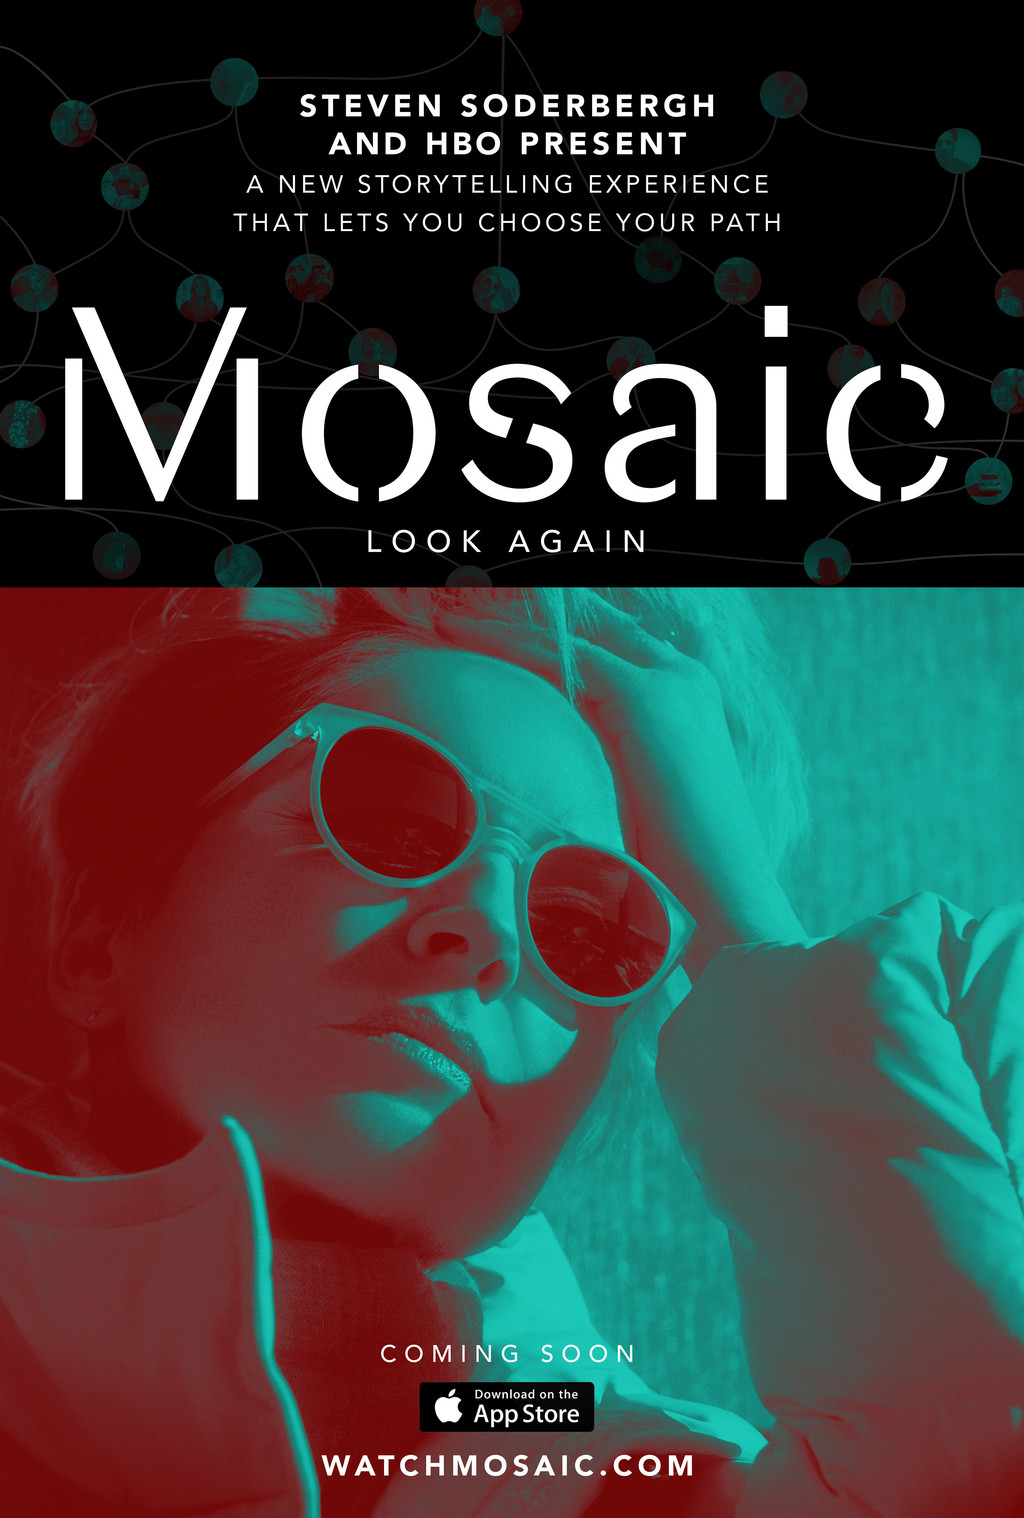 Mosaicc